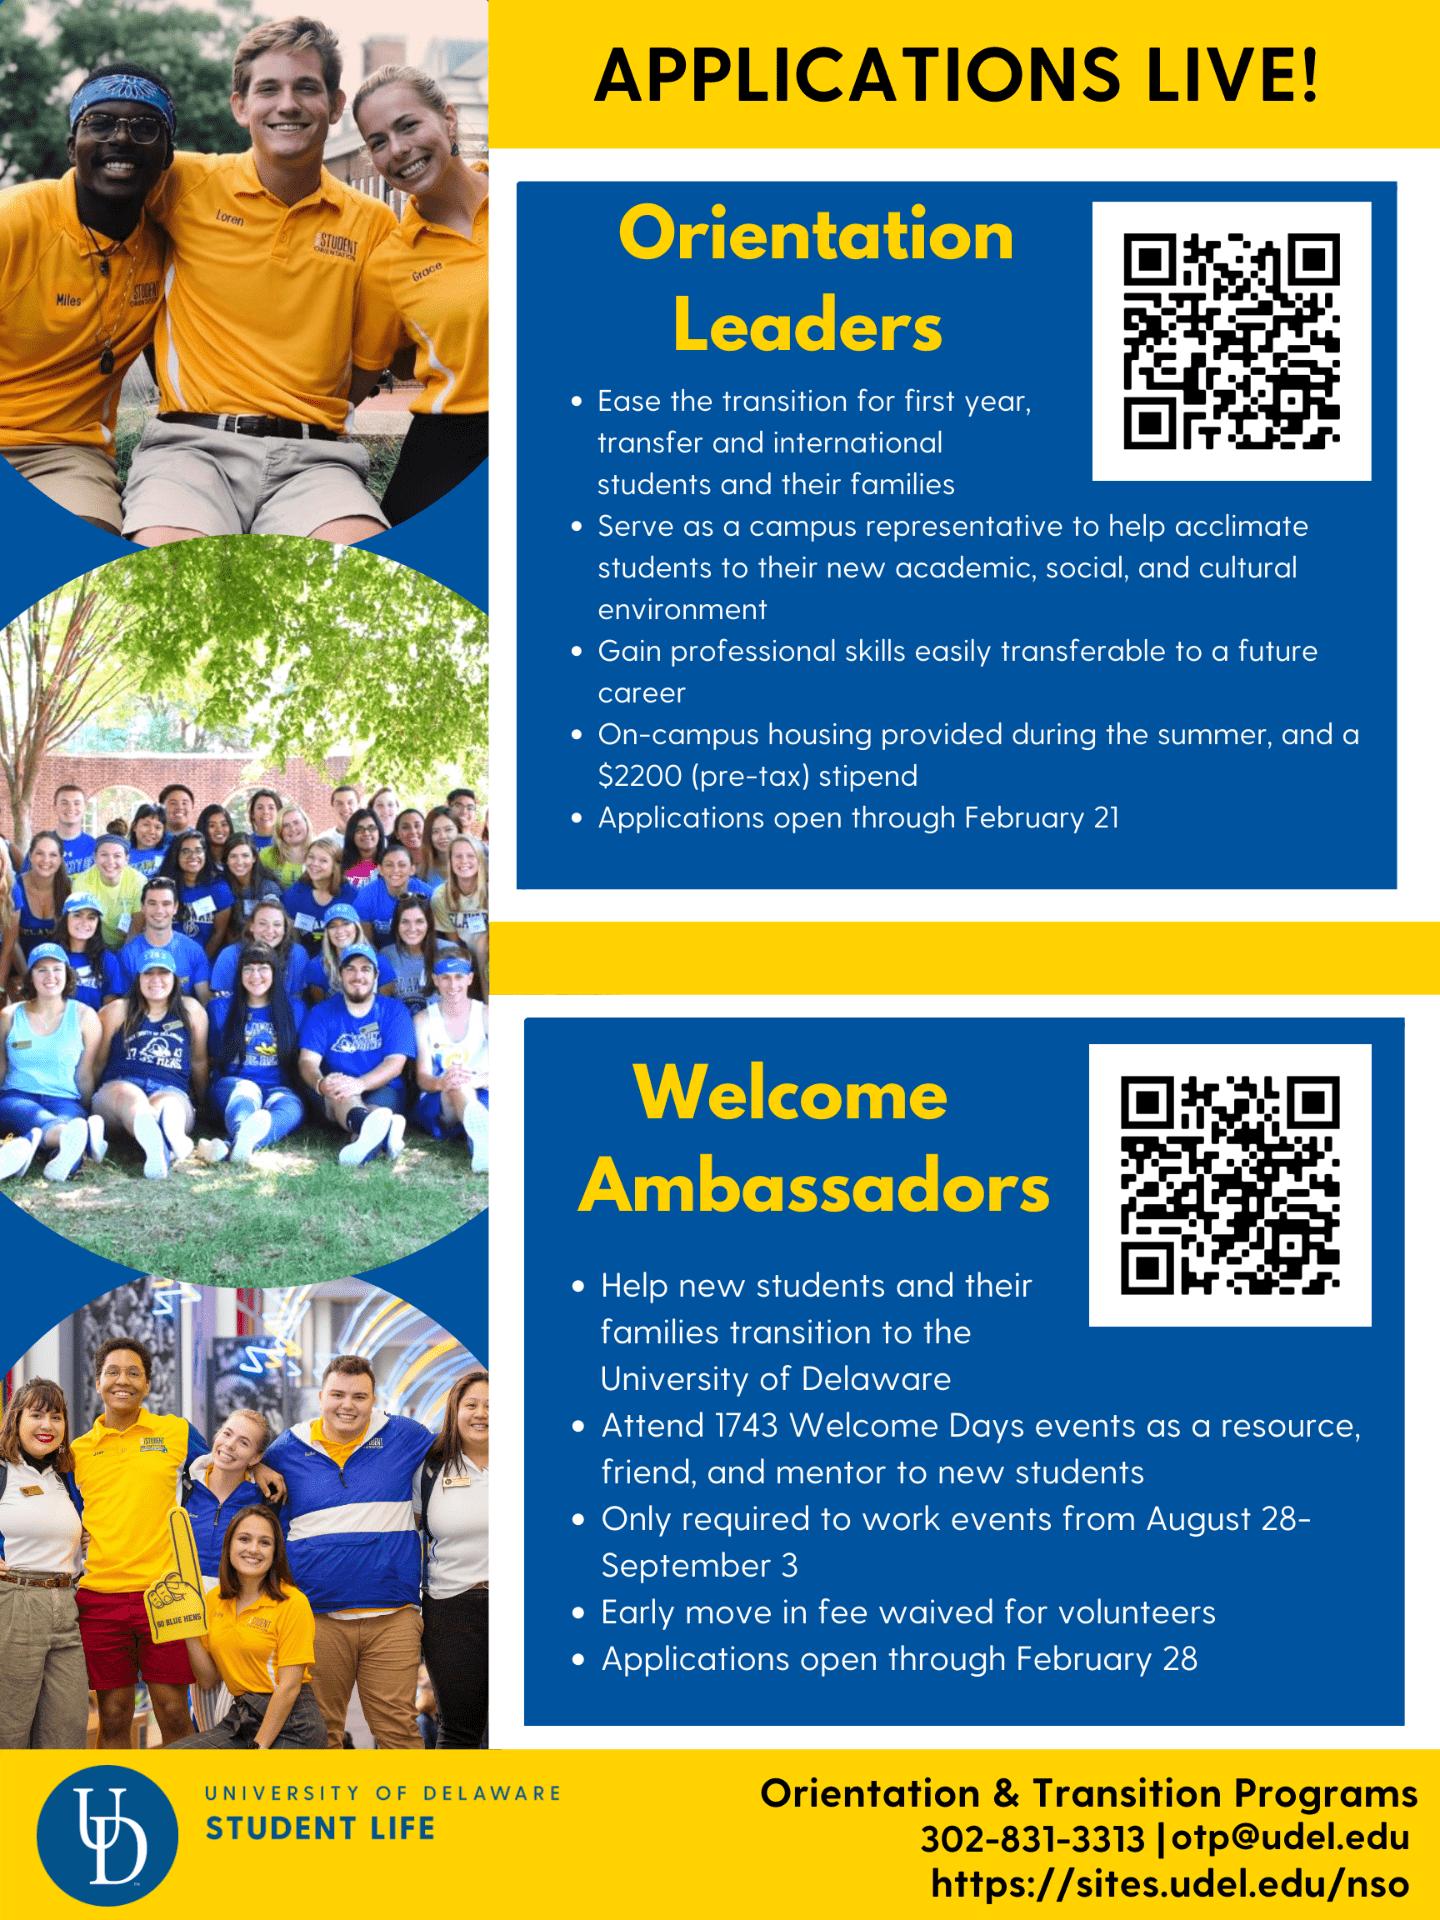 Applications Live! Orientation Leaders and Welcome Ambassadors. Orientation & Transition Programs 302-831-3313 otp@udel.edu https://sites.udel.edu/nso